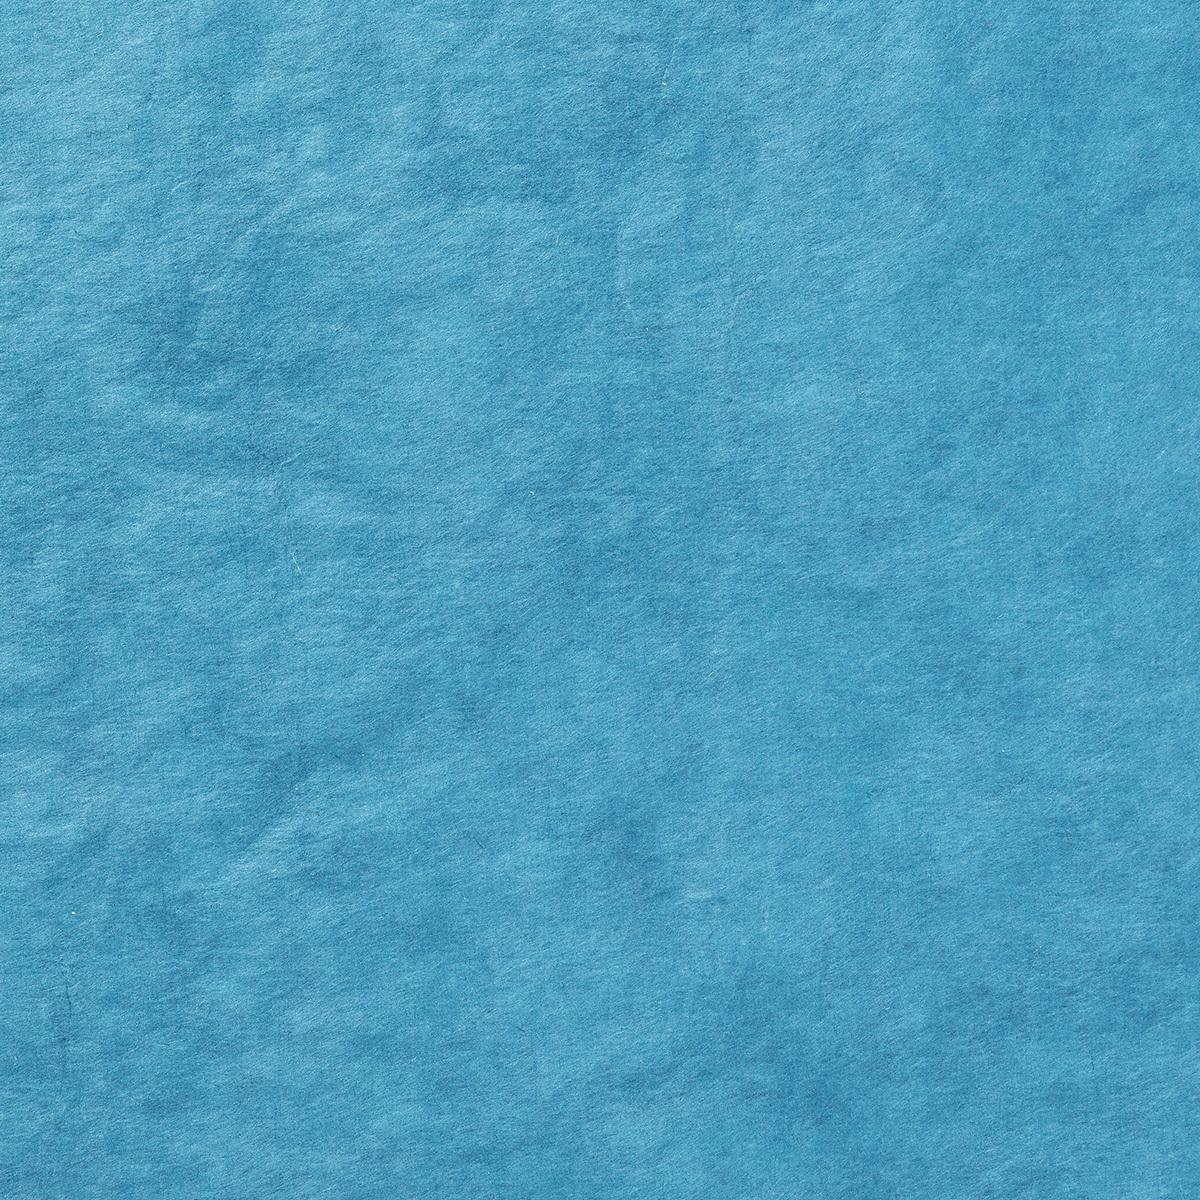 5-500  阿波 藍染め紙 はなだ